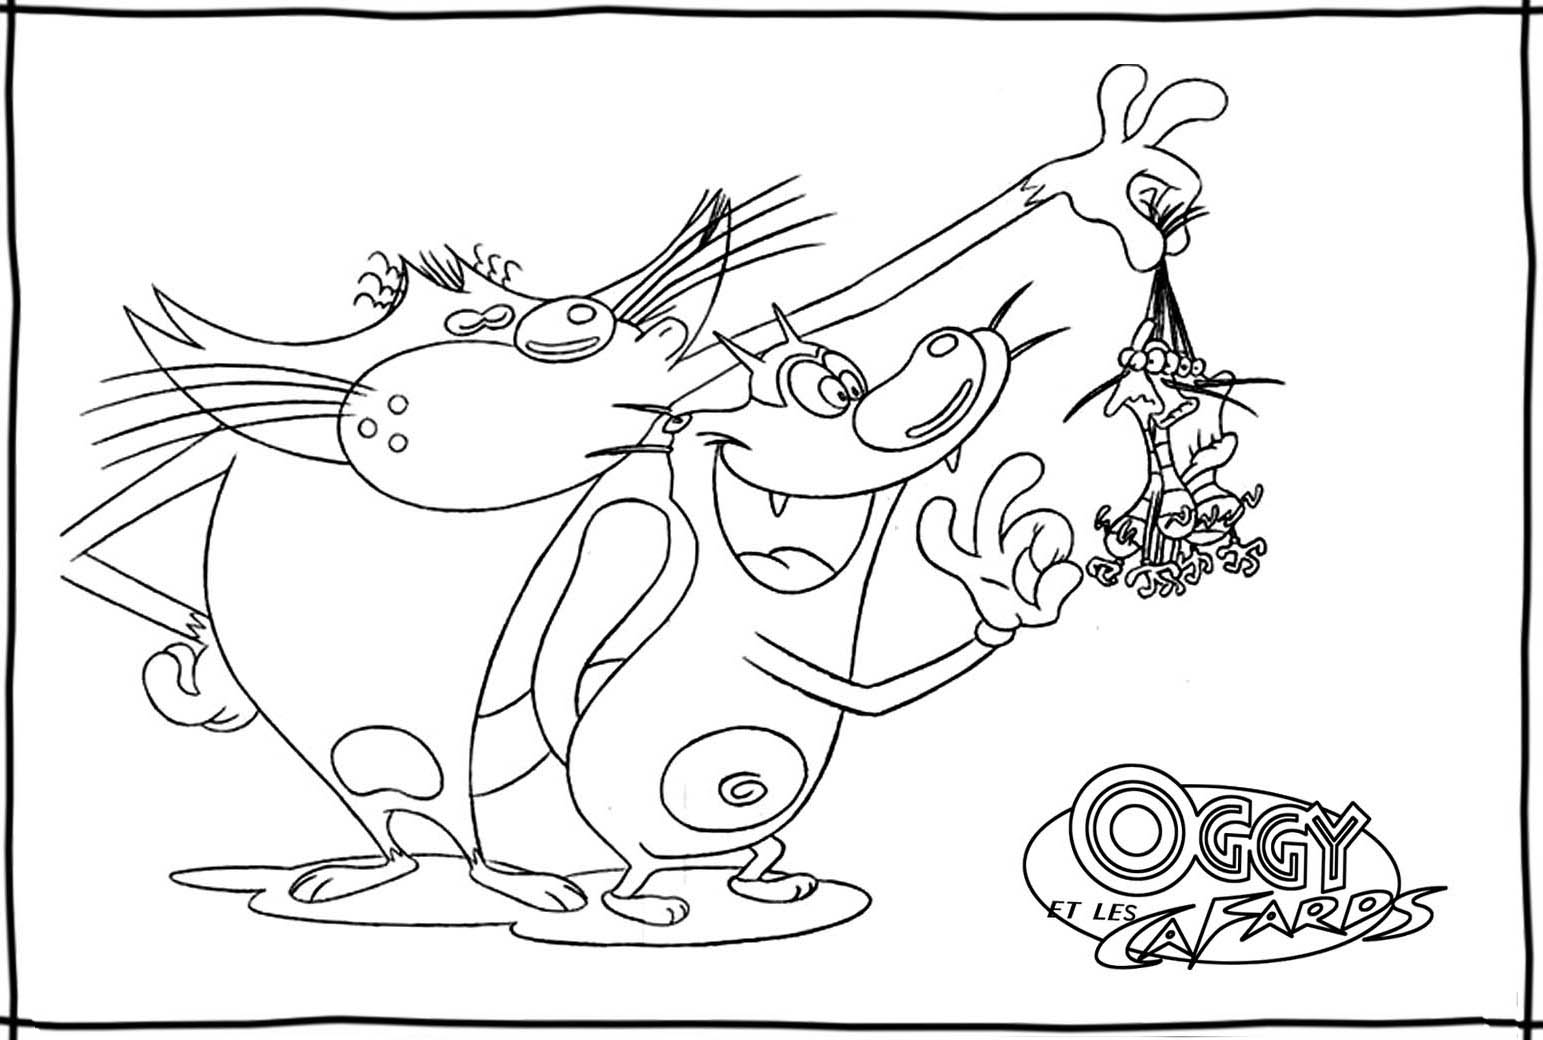 coloriage à dessiner oggy et les cafards gratuit